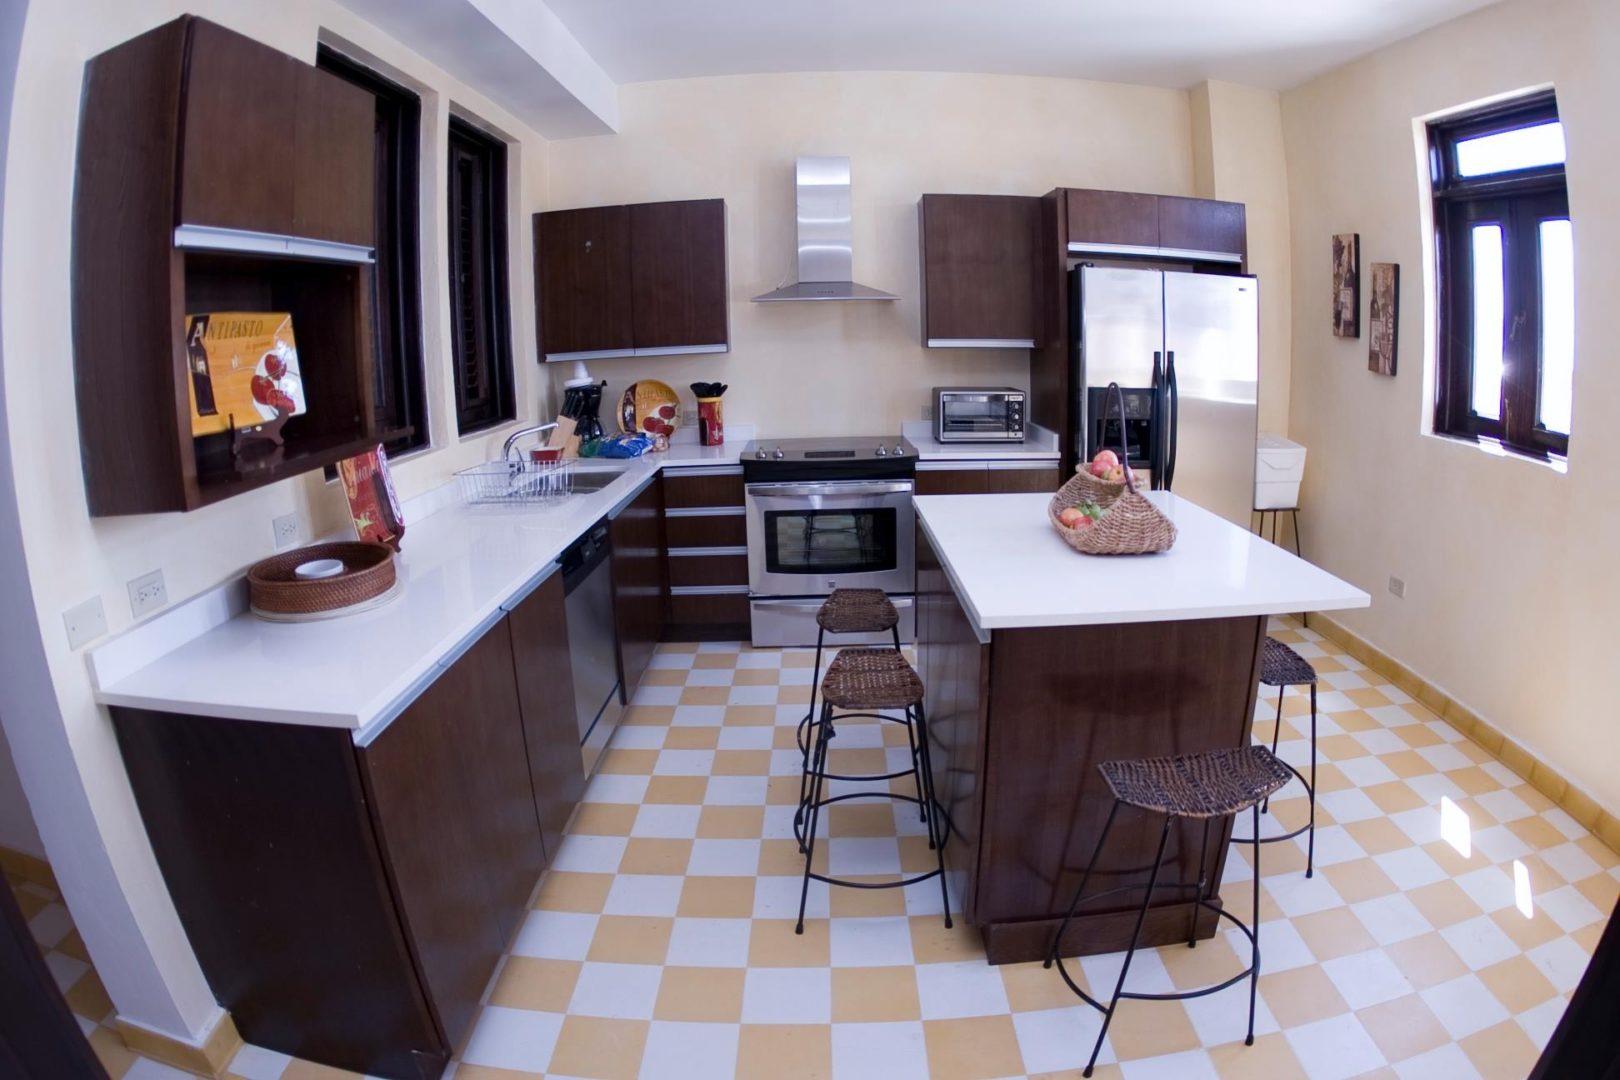 La Terraza de San Juan kitchen suites - La Terraza de San Juan